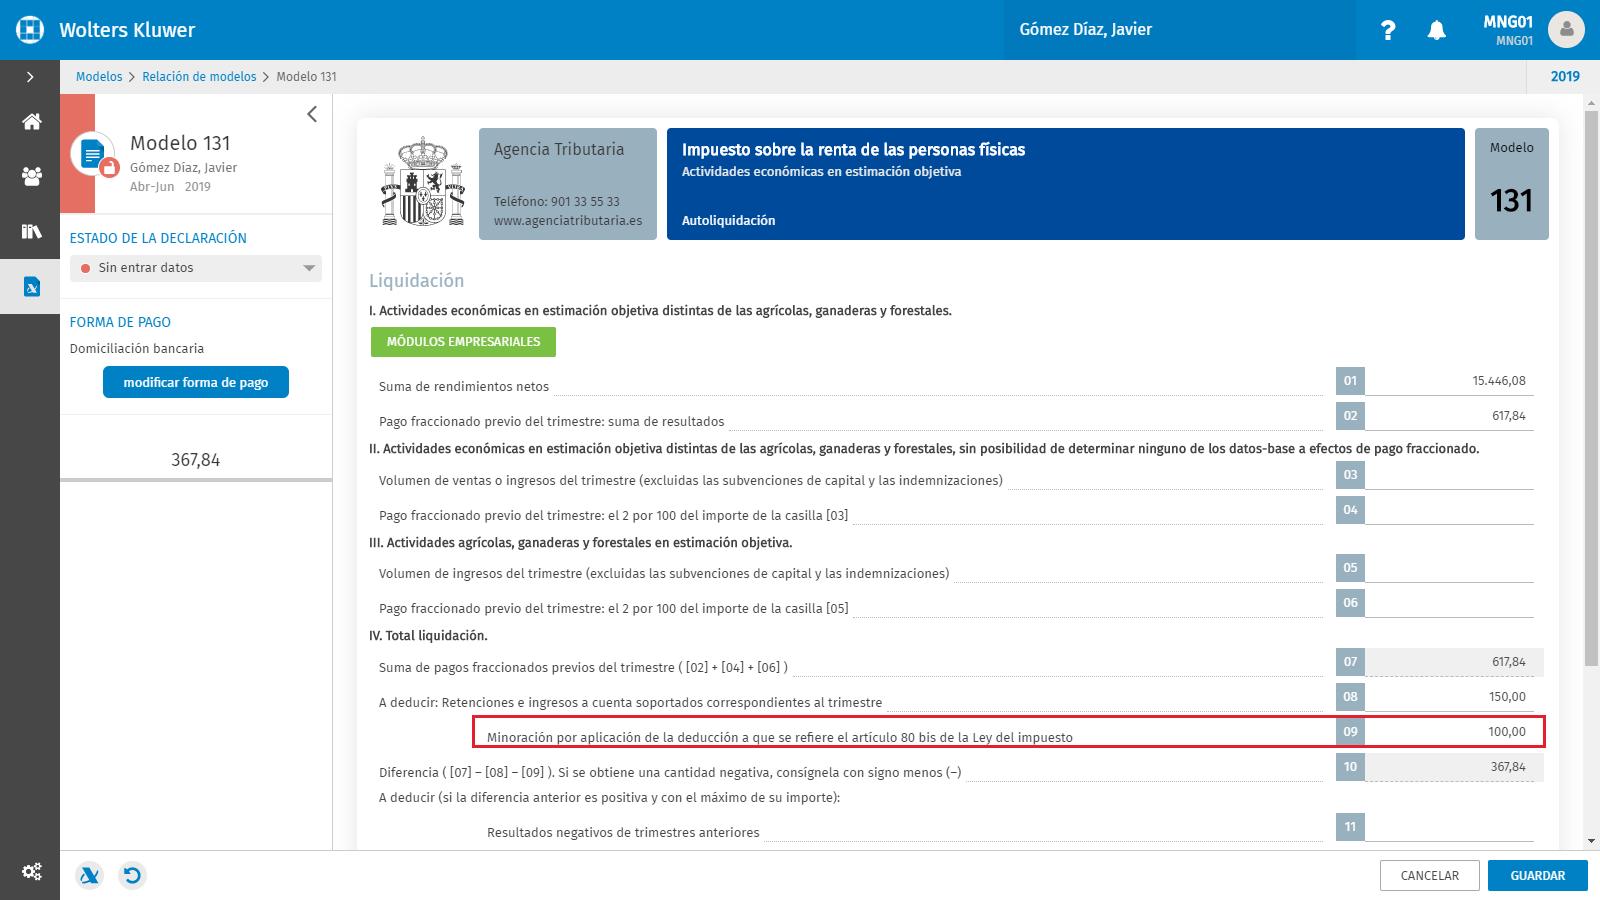 Modelo 131 Casilla 9 Minoracion por aplicacion de la deduccion a que se refiere el articulo 80 bis de la Ley del impuesto